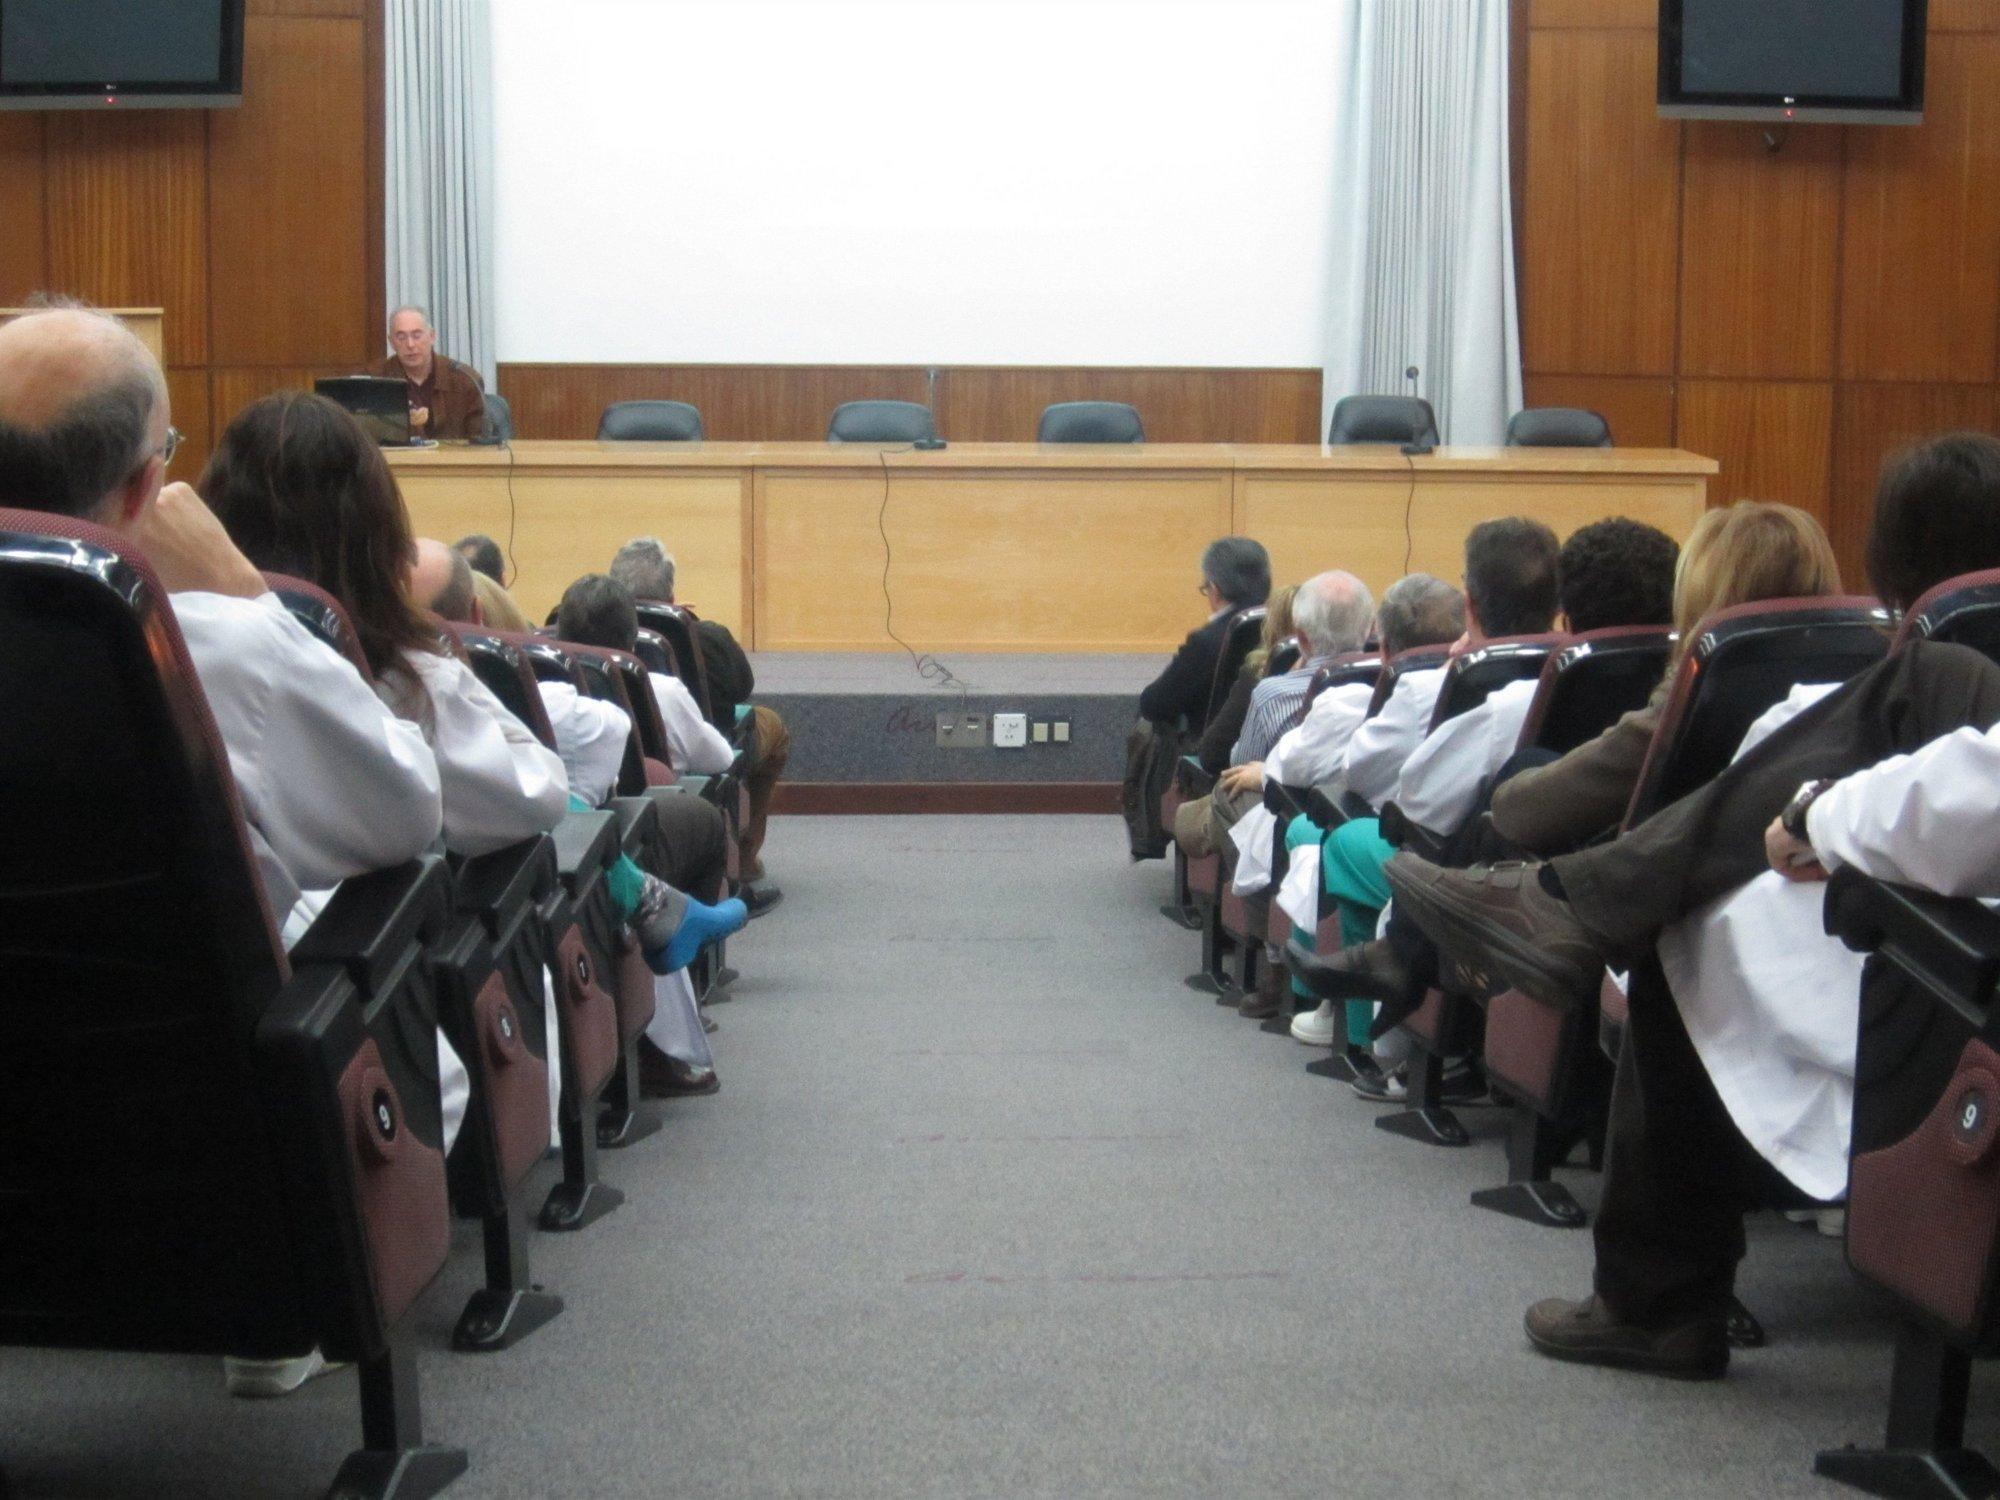 La Asamblea de Médicos de La Arrixaca respalda al Sindicato Médico en la toma de decisiones drásticas ante los recortes